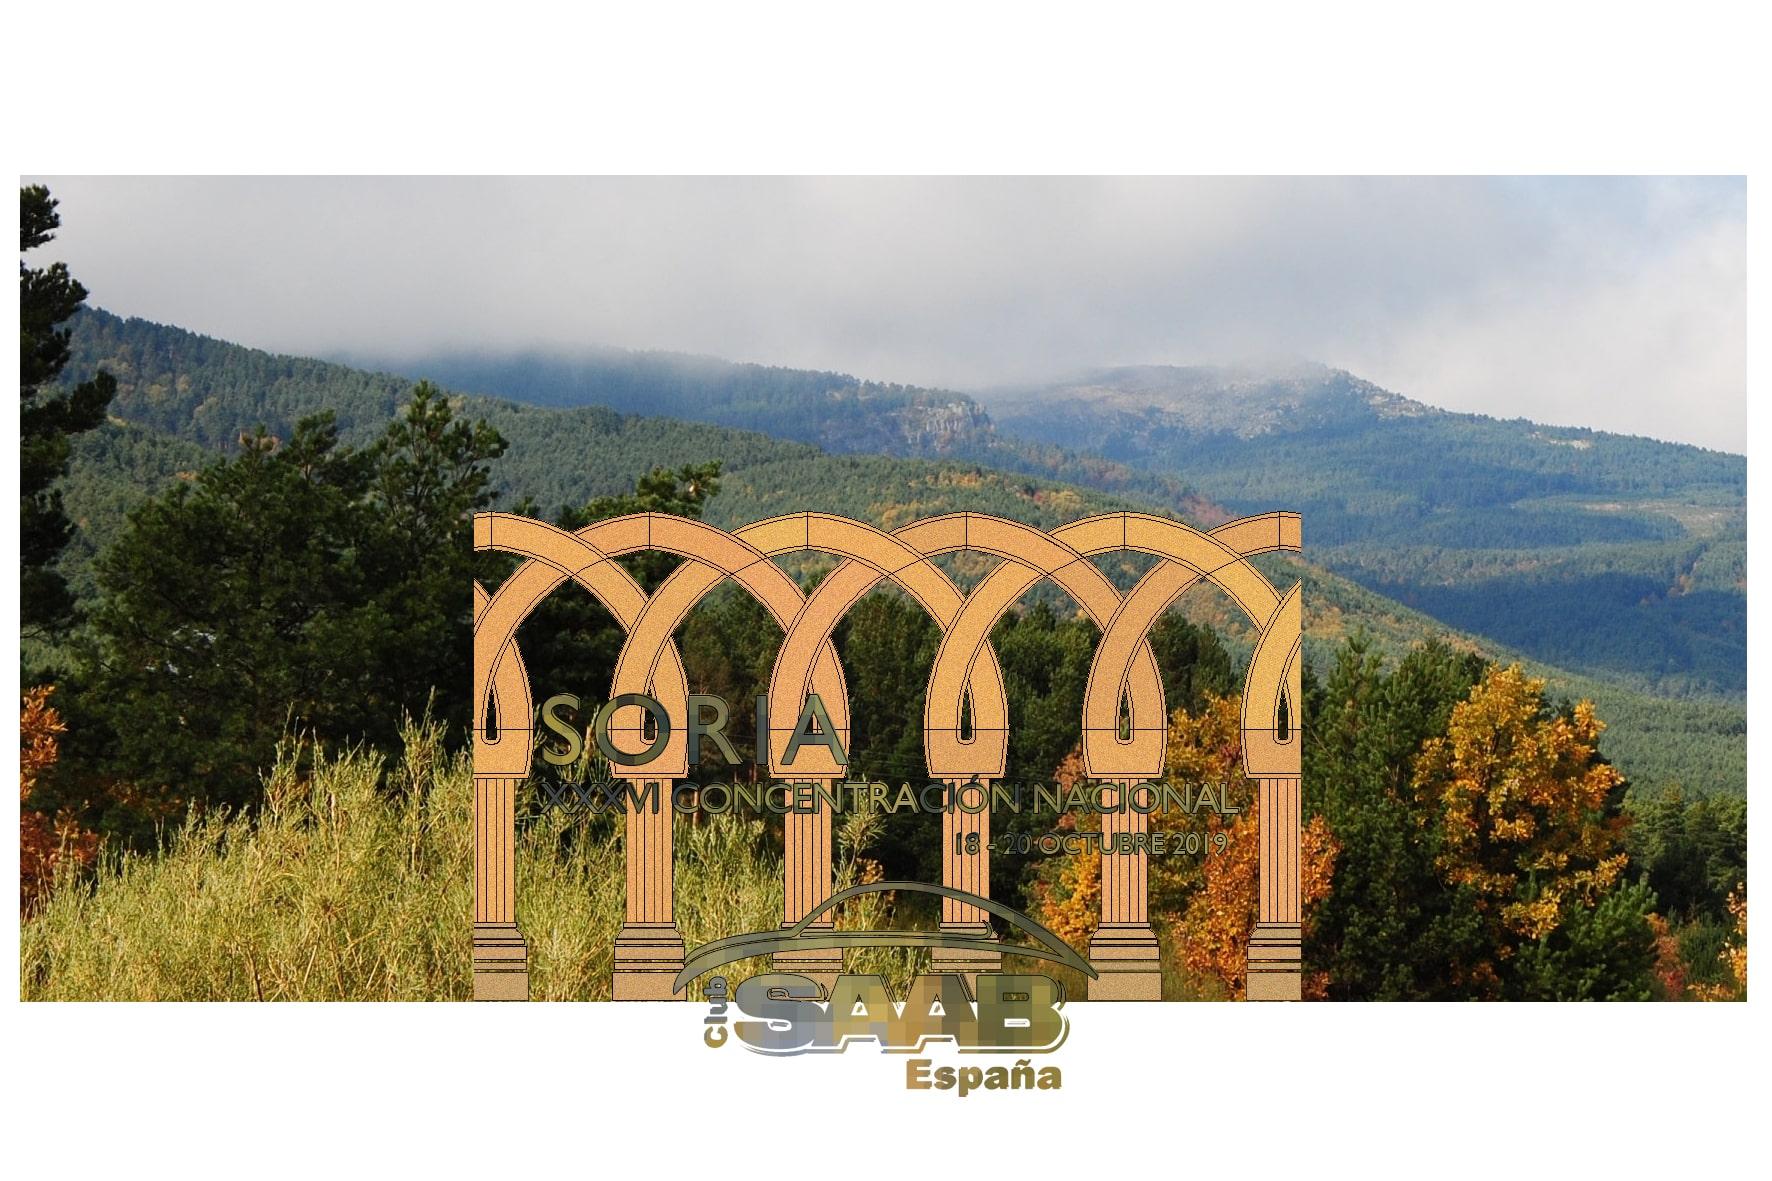 XXXVI Concentración Nacional. Soria. Del 18 al 20 de octubre de 2019